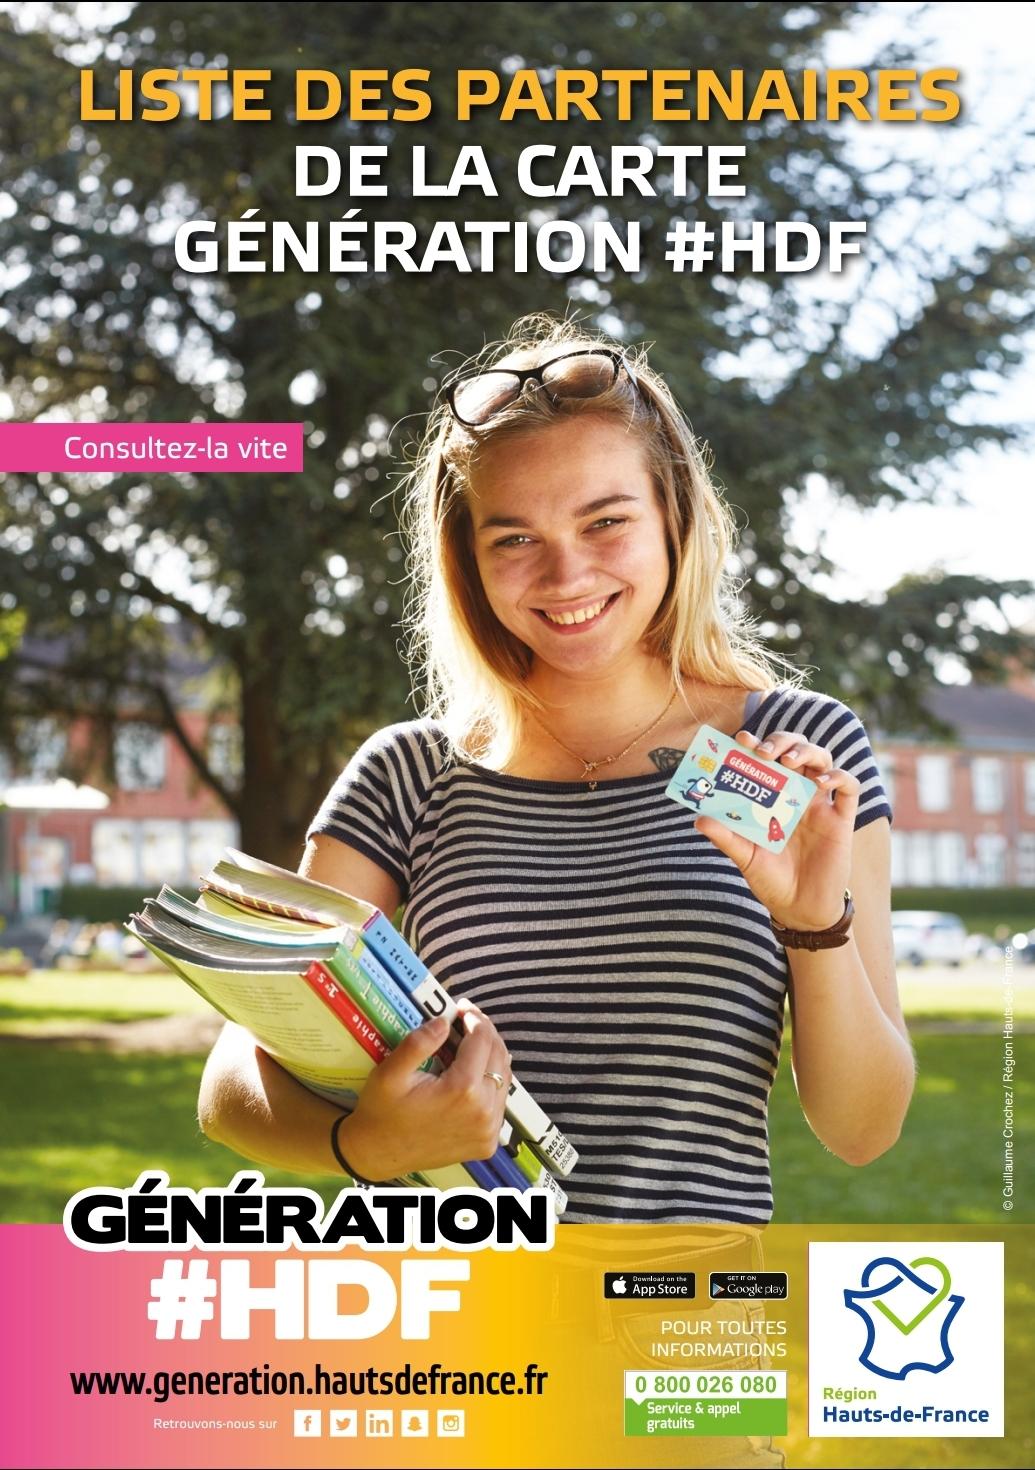 CARTE GÉNÉRATION #HDF : LYCÉENS ET APPRENTIS, FAITES VOTRE DEMANDE !100 euros à l'entrée en classe de seconde, 200 euros en première année d'apprentissageLa carte Génération #HDF compile, pour les lycéens et apprentis des Hauts-de-France, un nombre important d'aides et de bons plans. Idéal pour acheter ses manuels et matériels scolaires ou professionnels, et bien commencer sa scolarité.